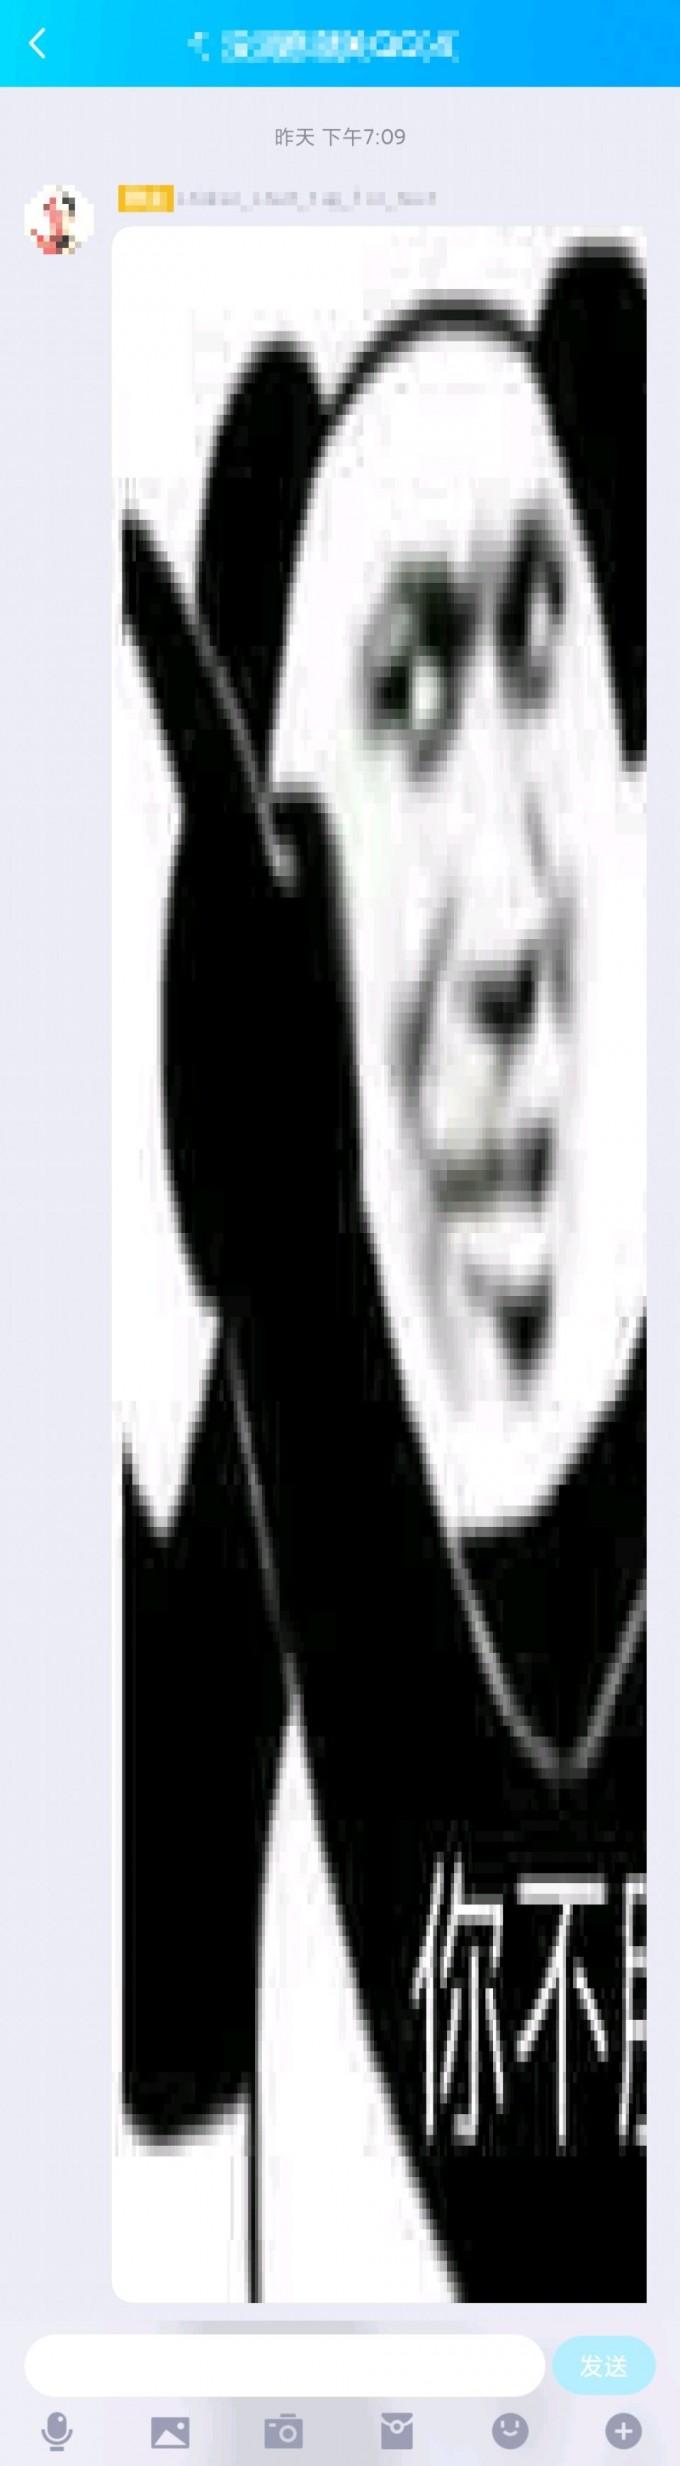 """QQXML消息:发送""""超大""""表情包"""